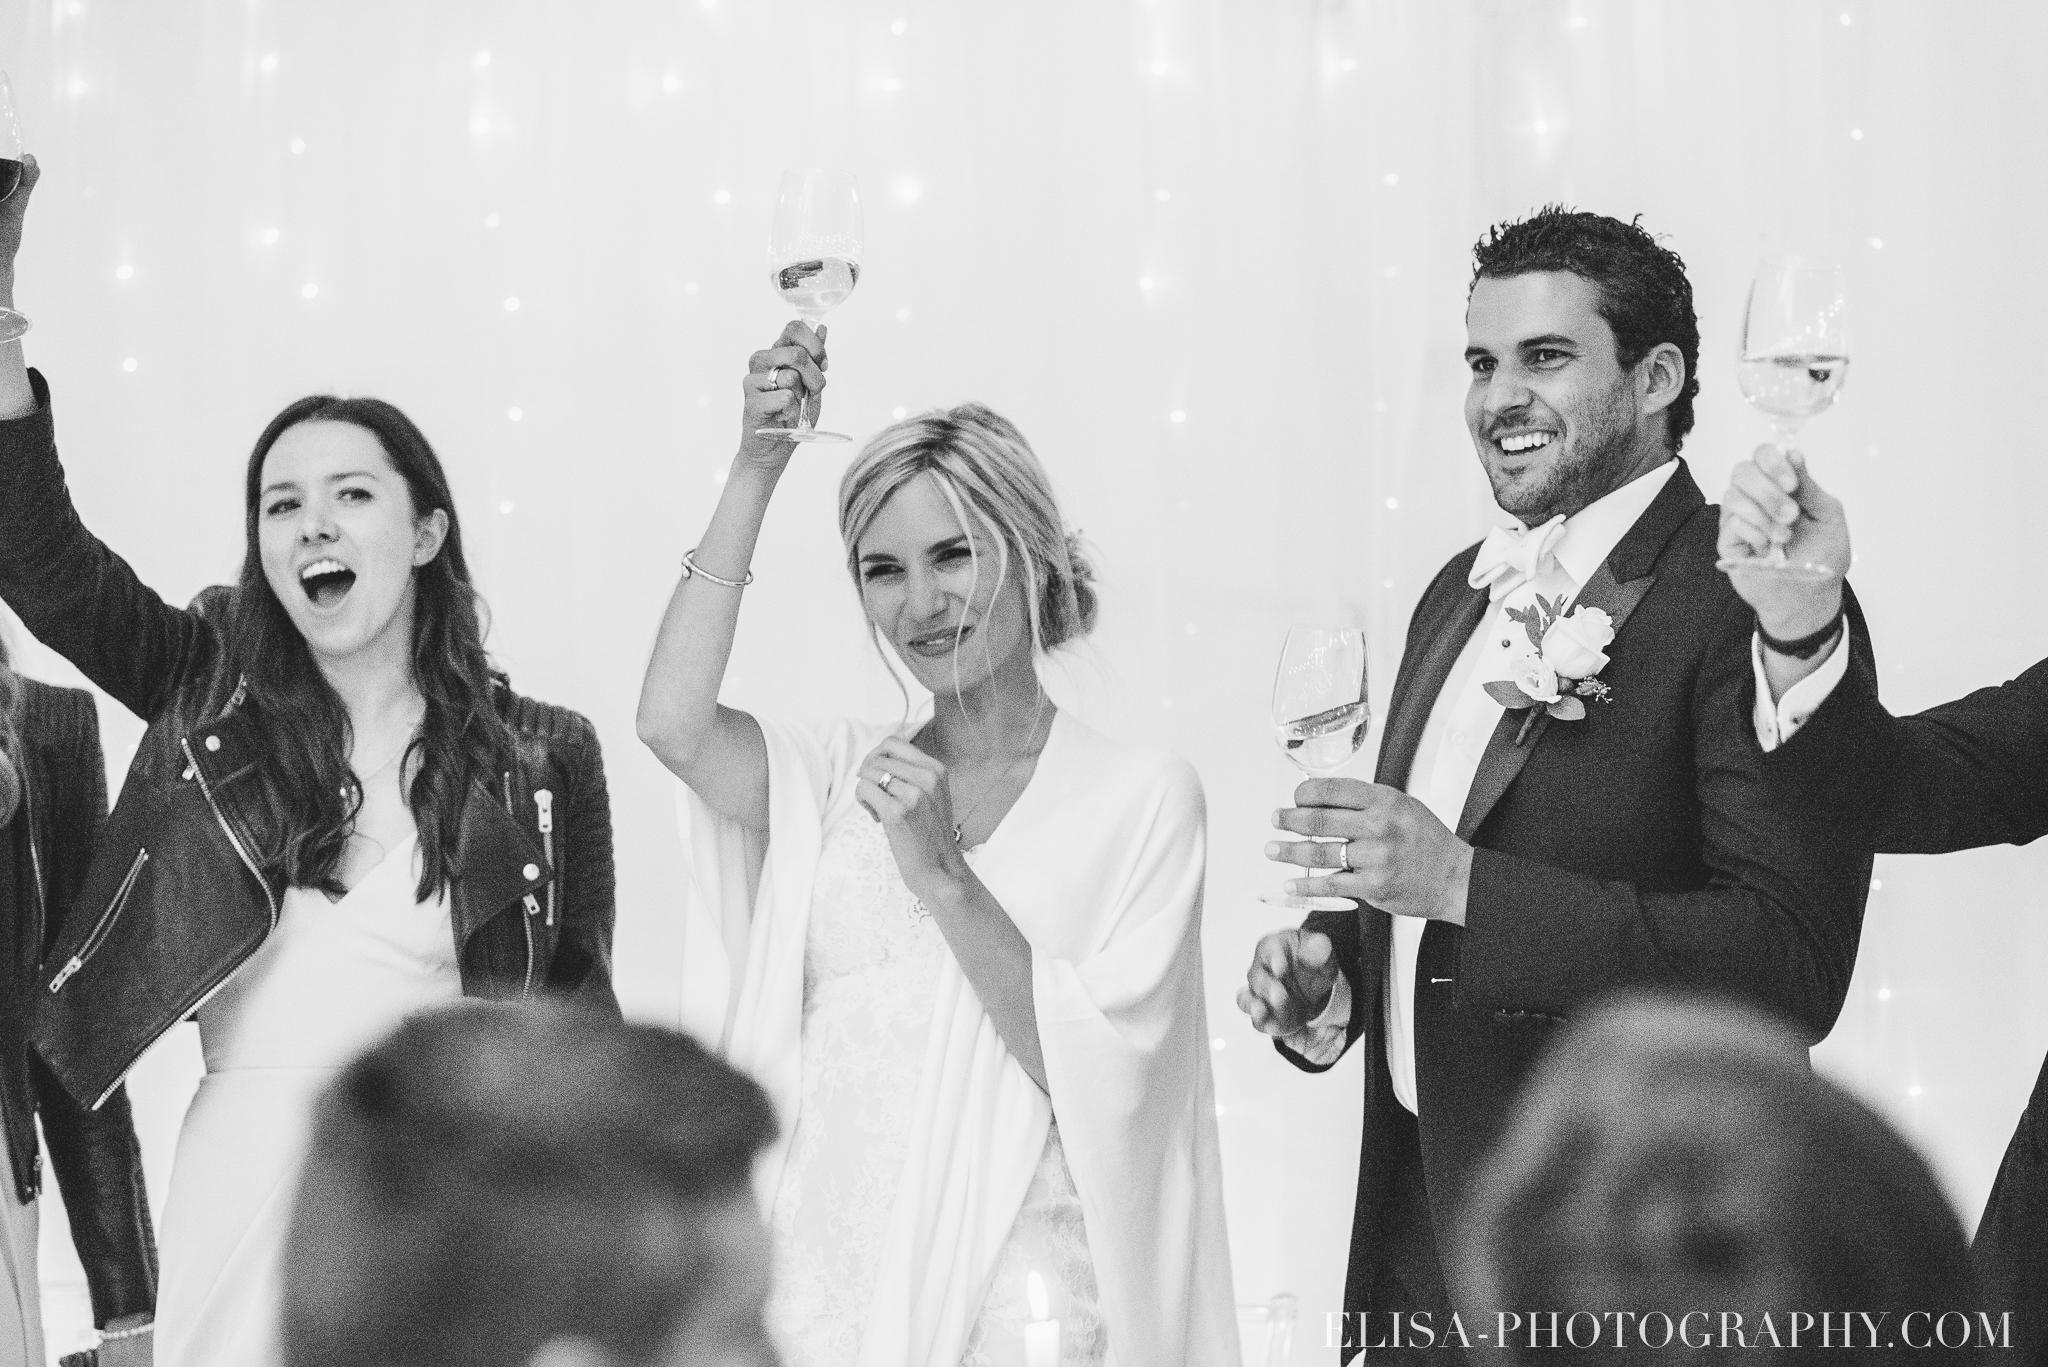 photo mariage reception toast chapiteau chic ville de quebec domaine prive estate bord de l eau 5051 - Mariage sur un domaine privé au bord de l'eau: Emmanuelle & Marc-Antoine